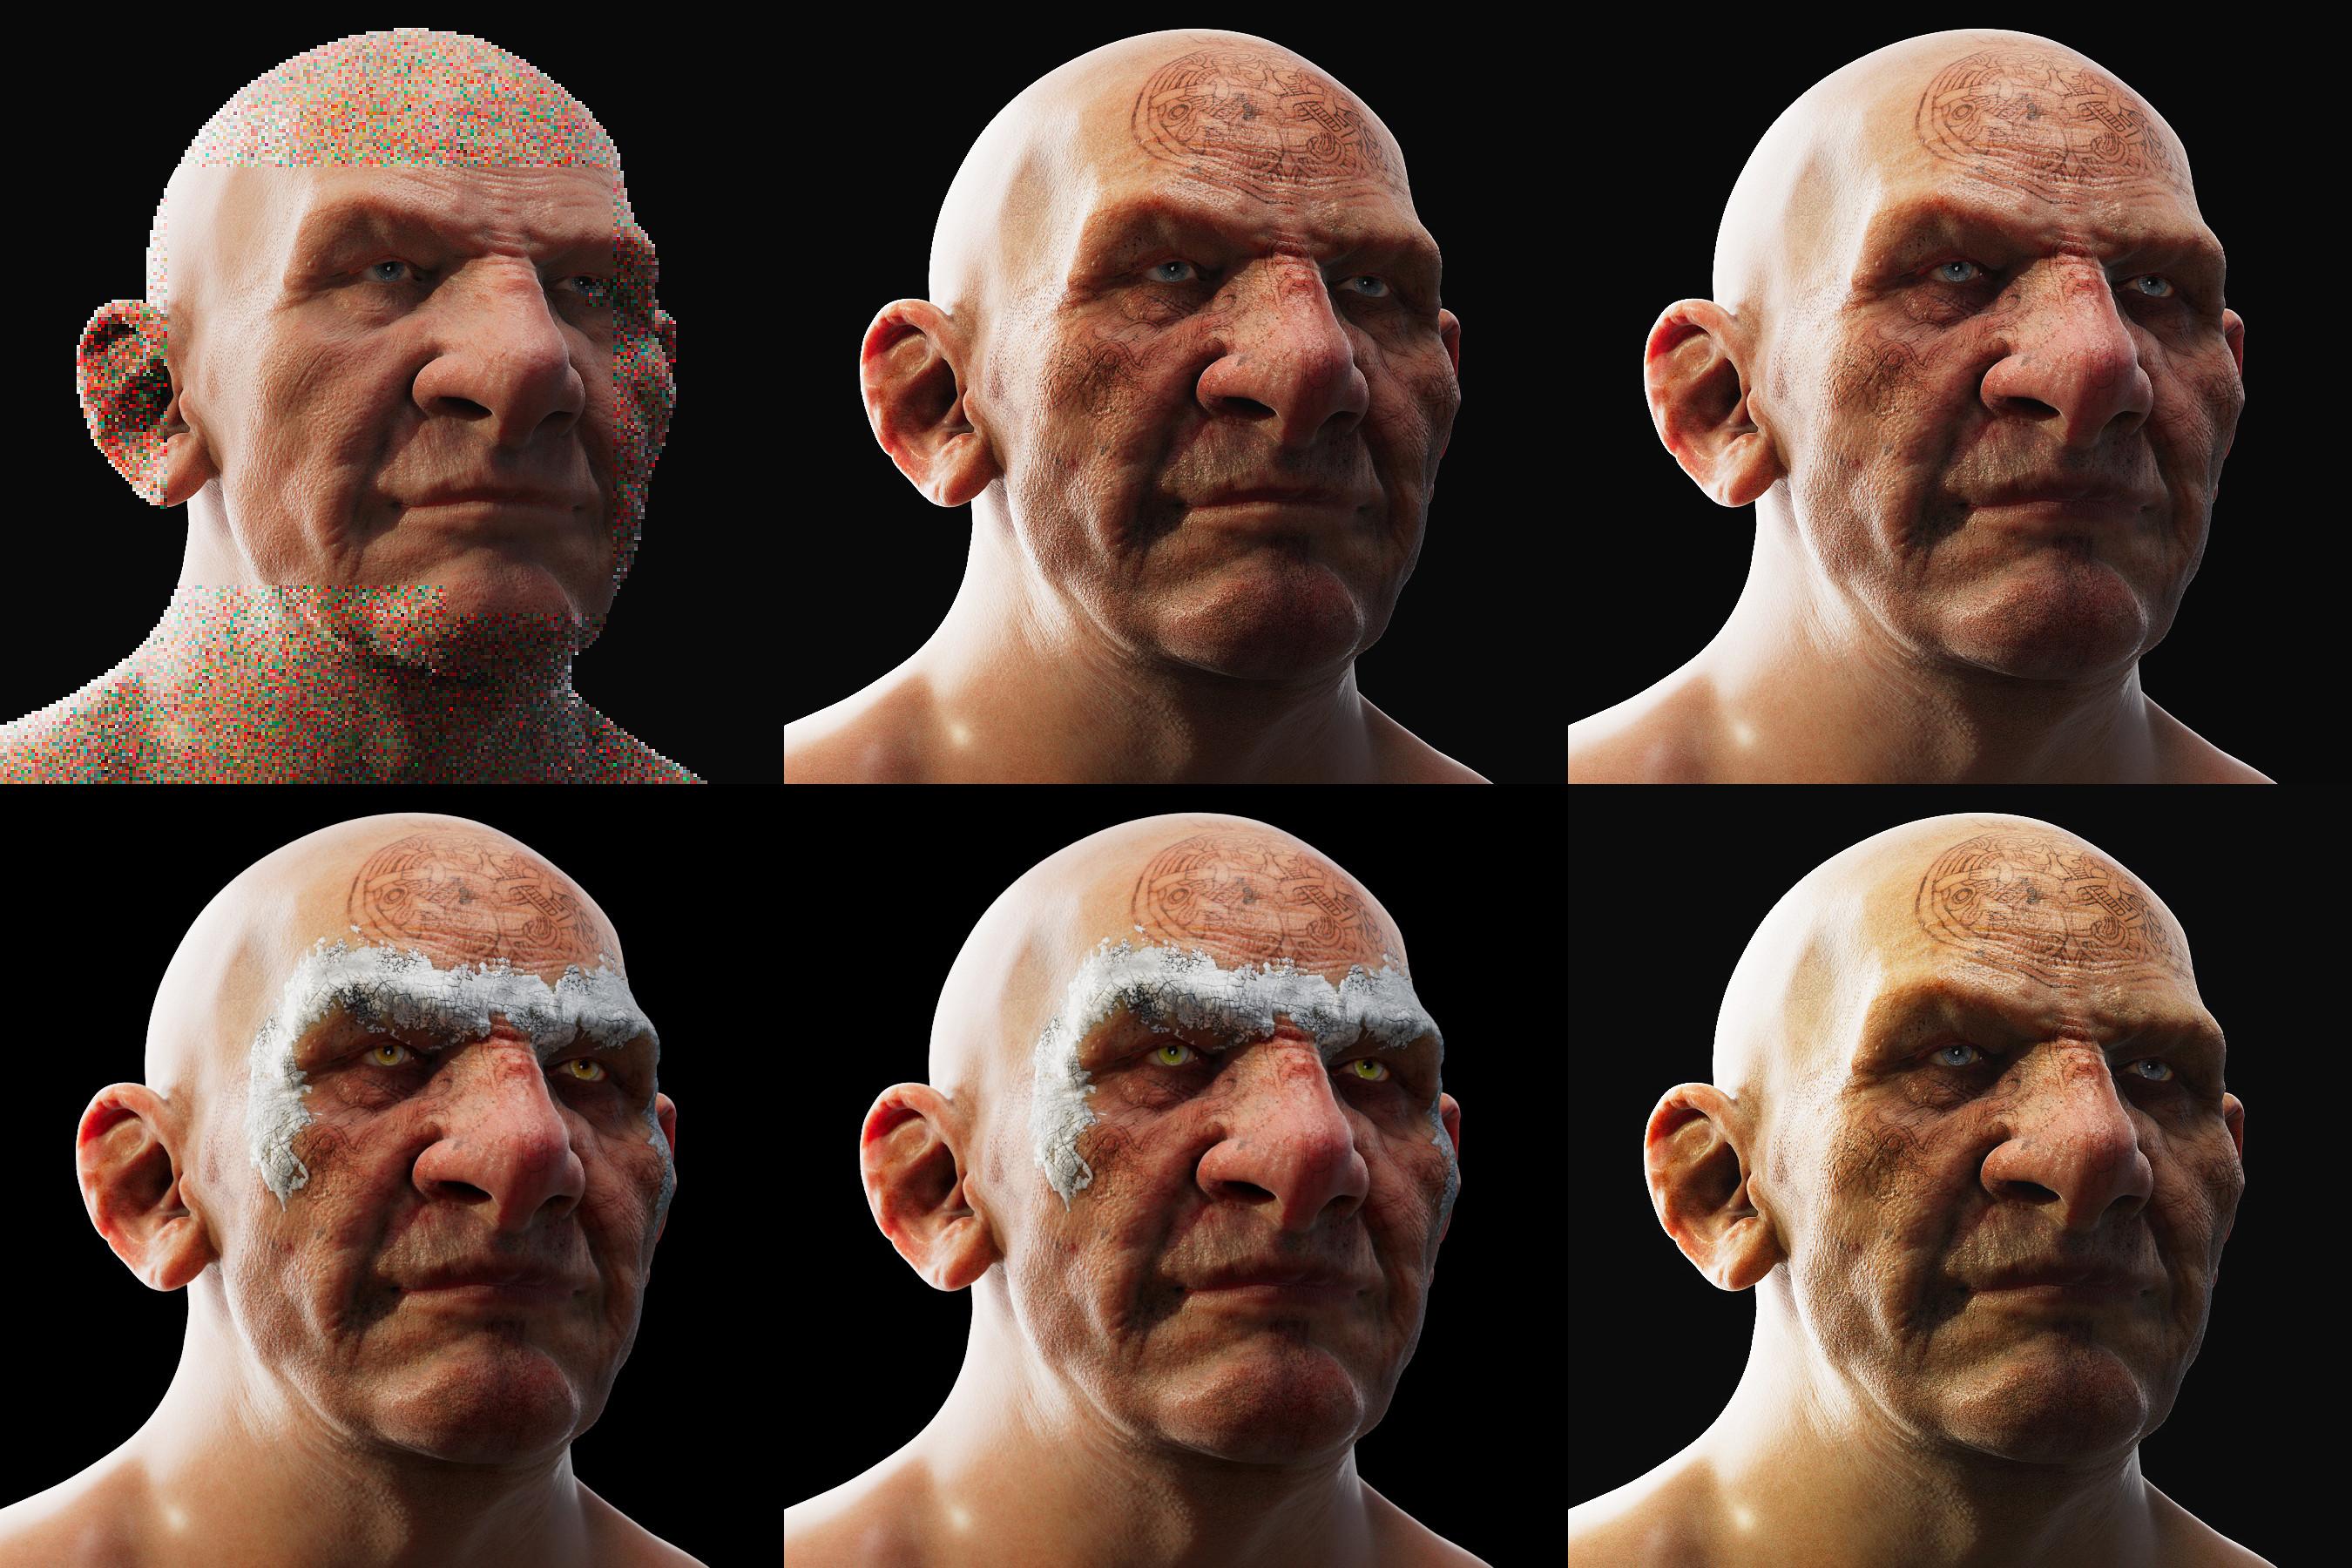 Skin Shader Tests